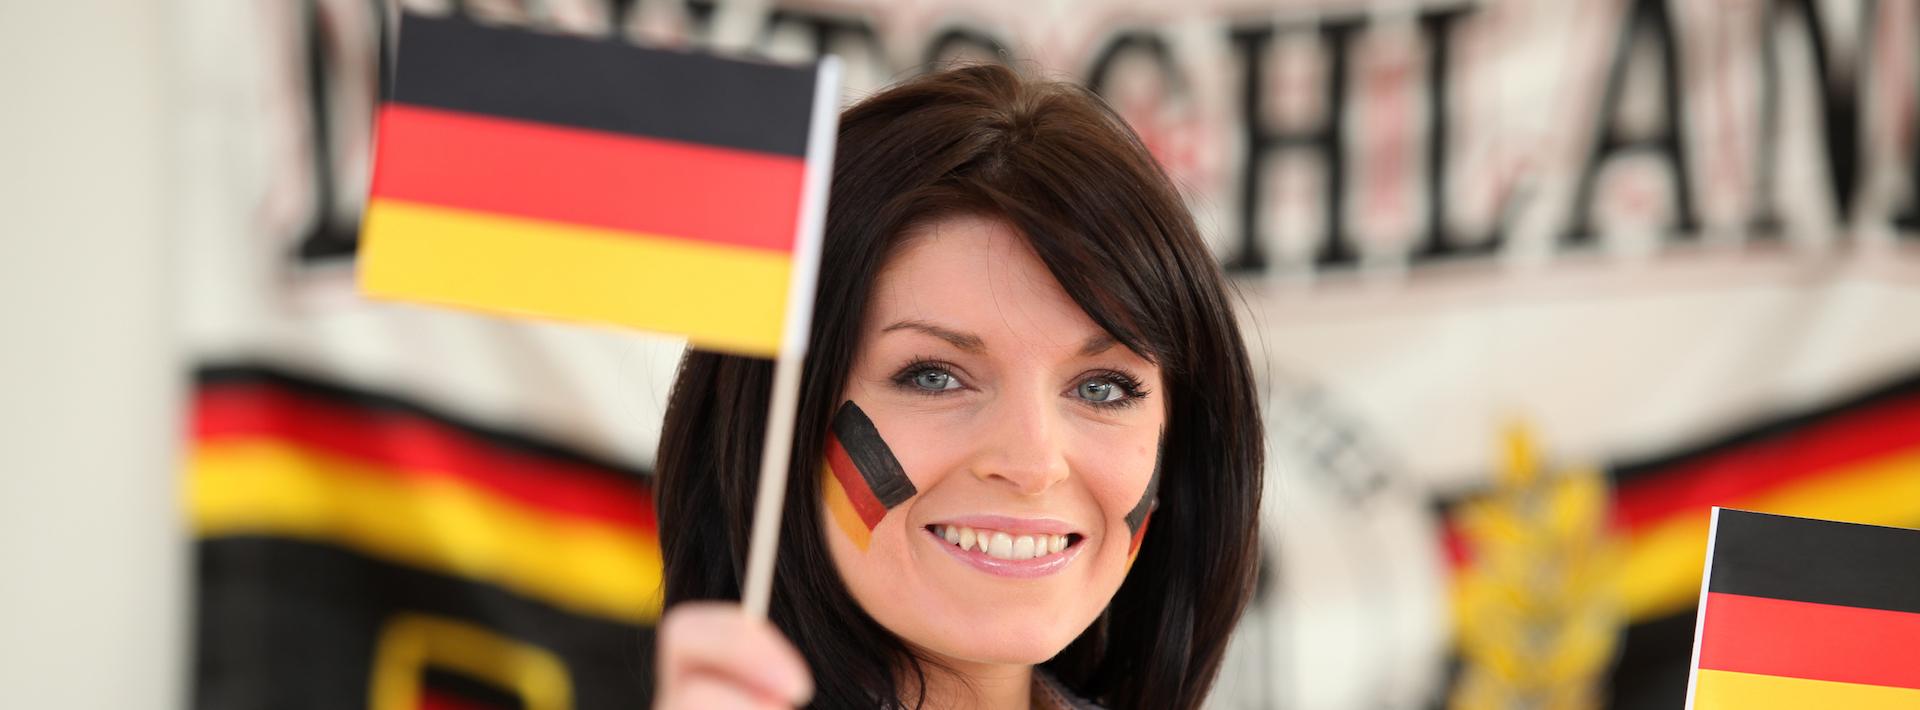 處理不當黨產的前輩來了 德國專家建議台灣這樣做